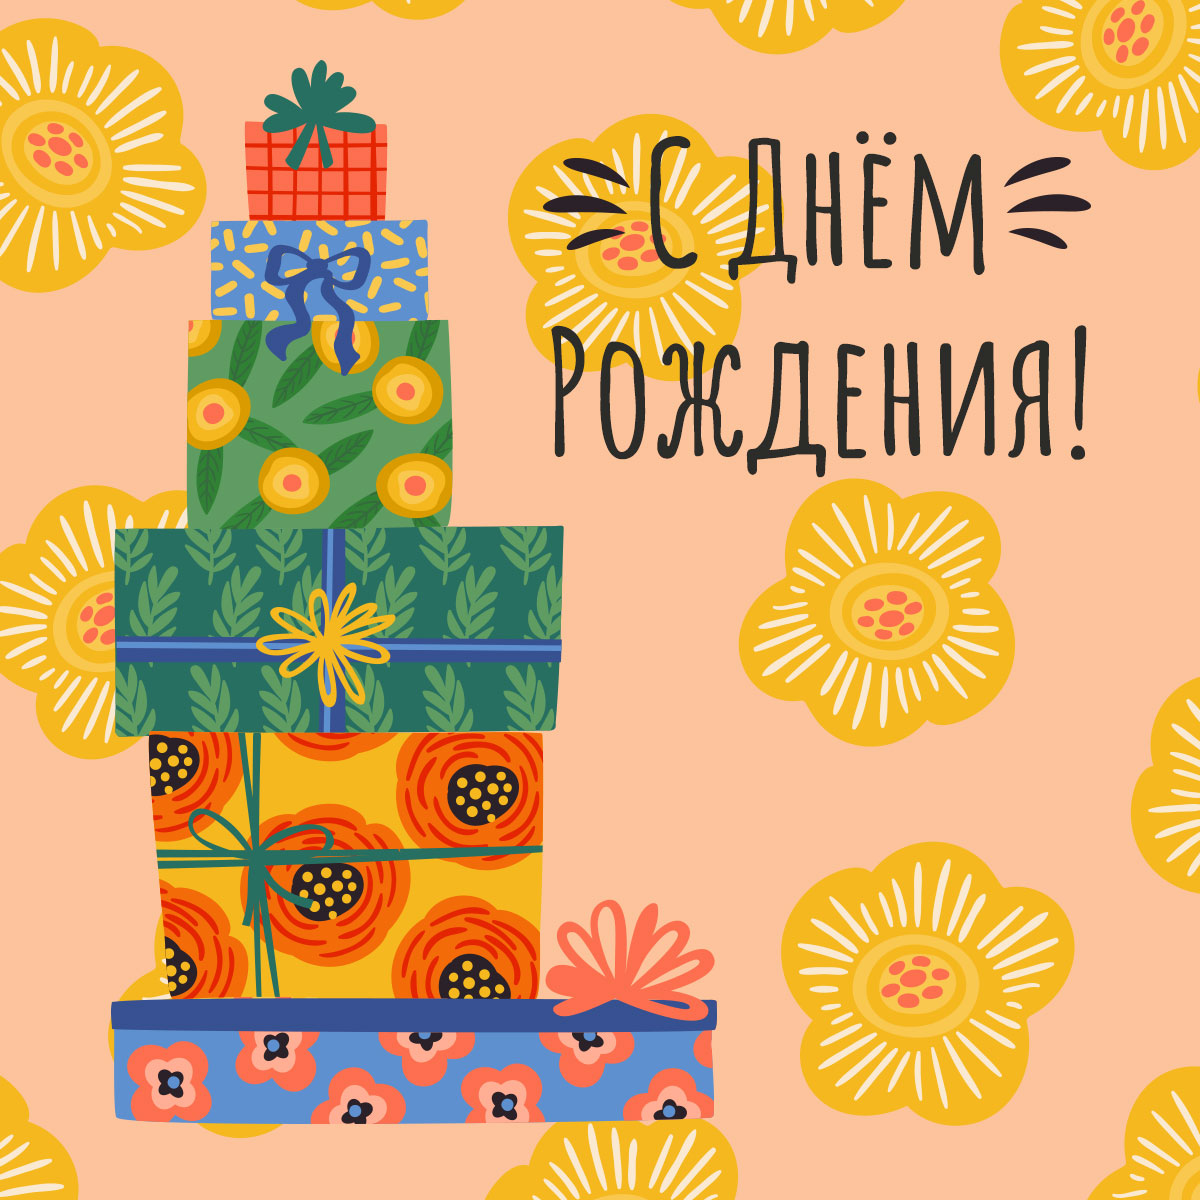 Картинка жёлтого цвета - красивые открытки с днем рождения подруге с упакованными подарками и поздравительной надписью.